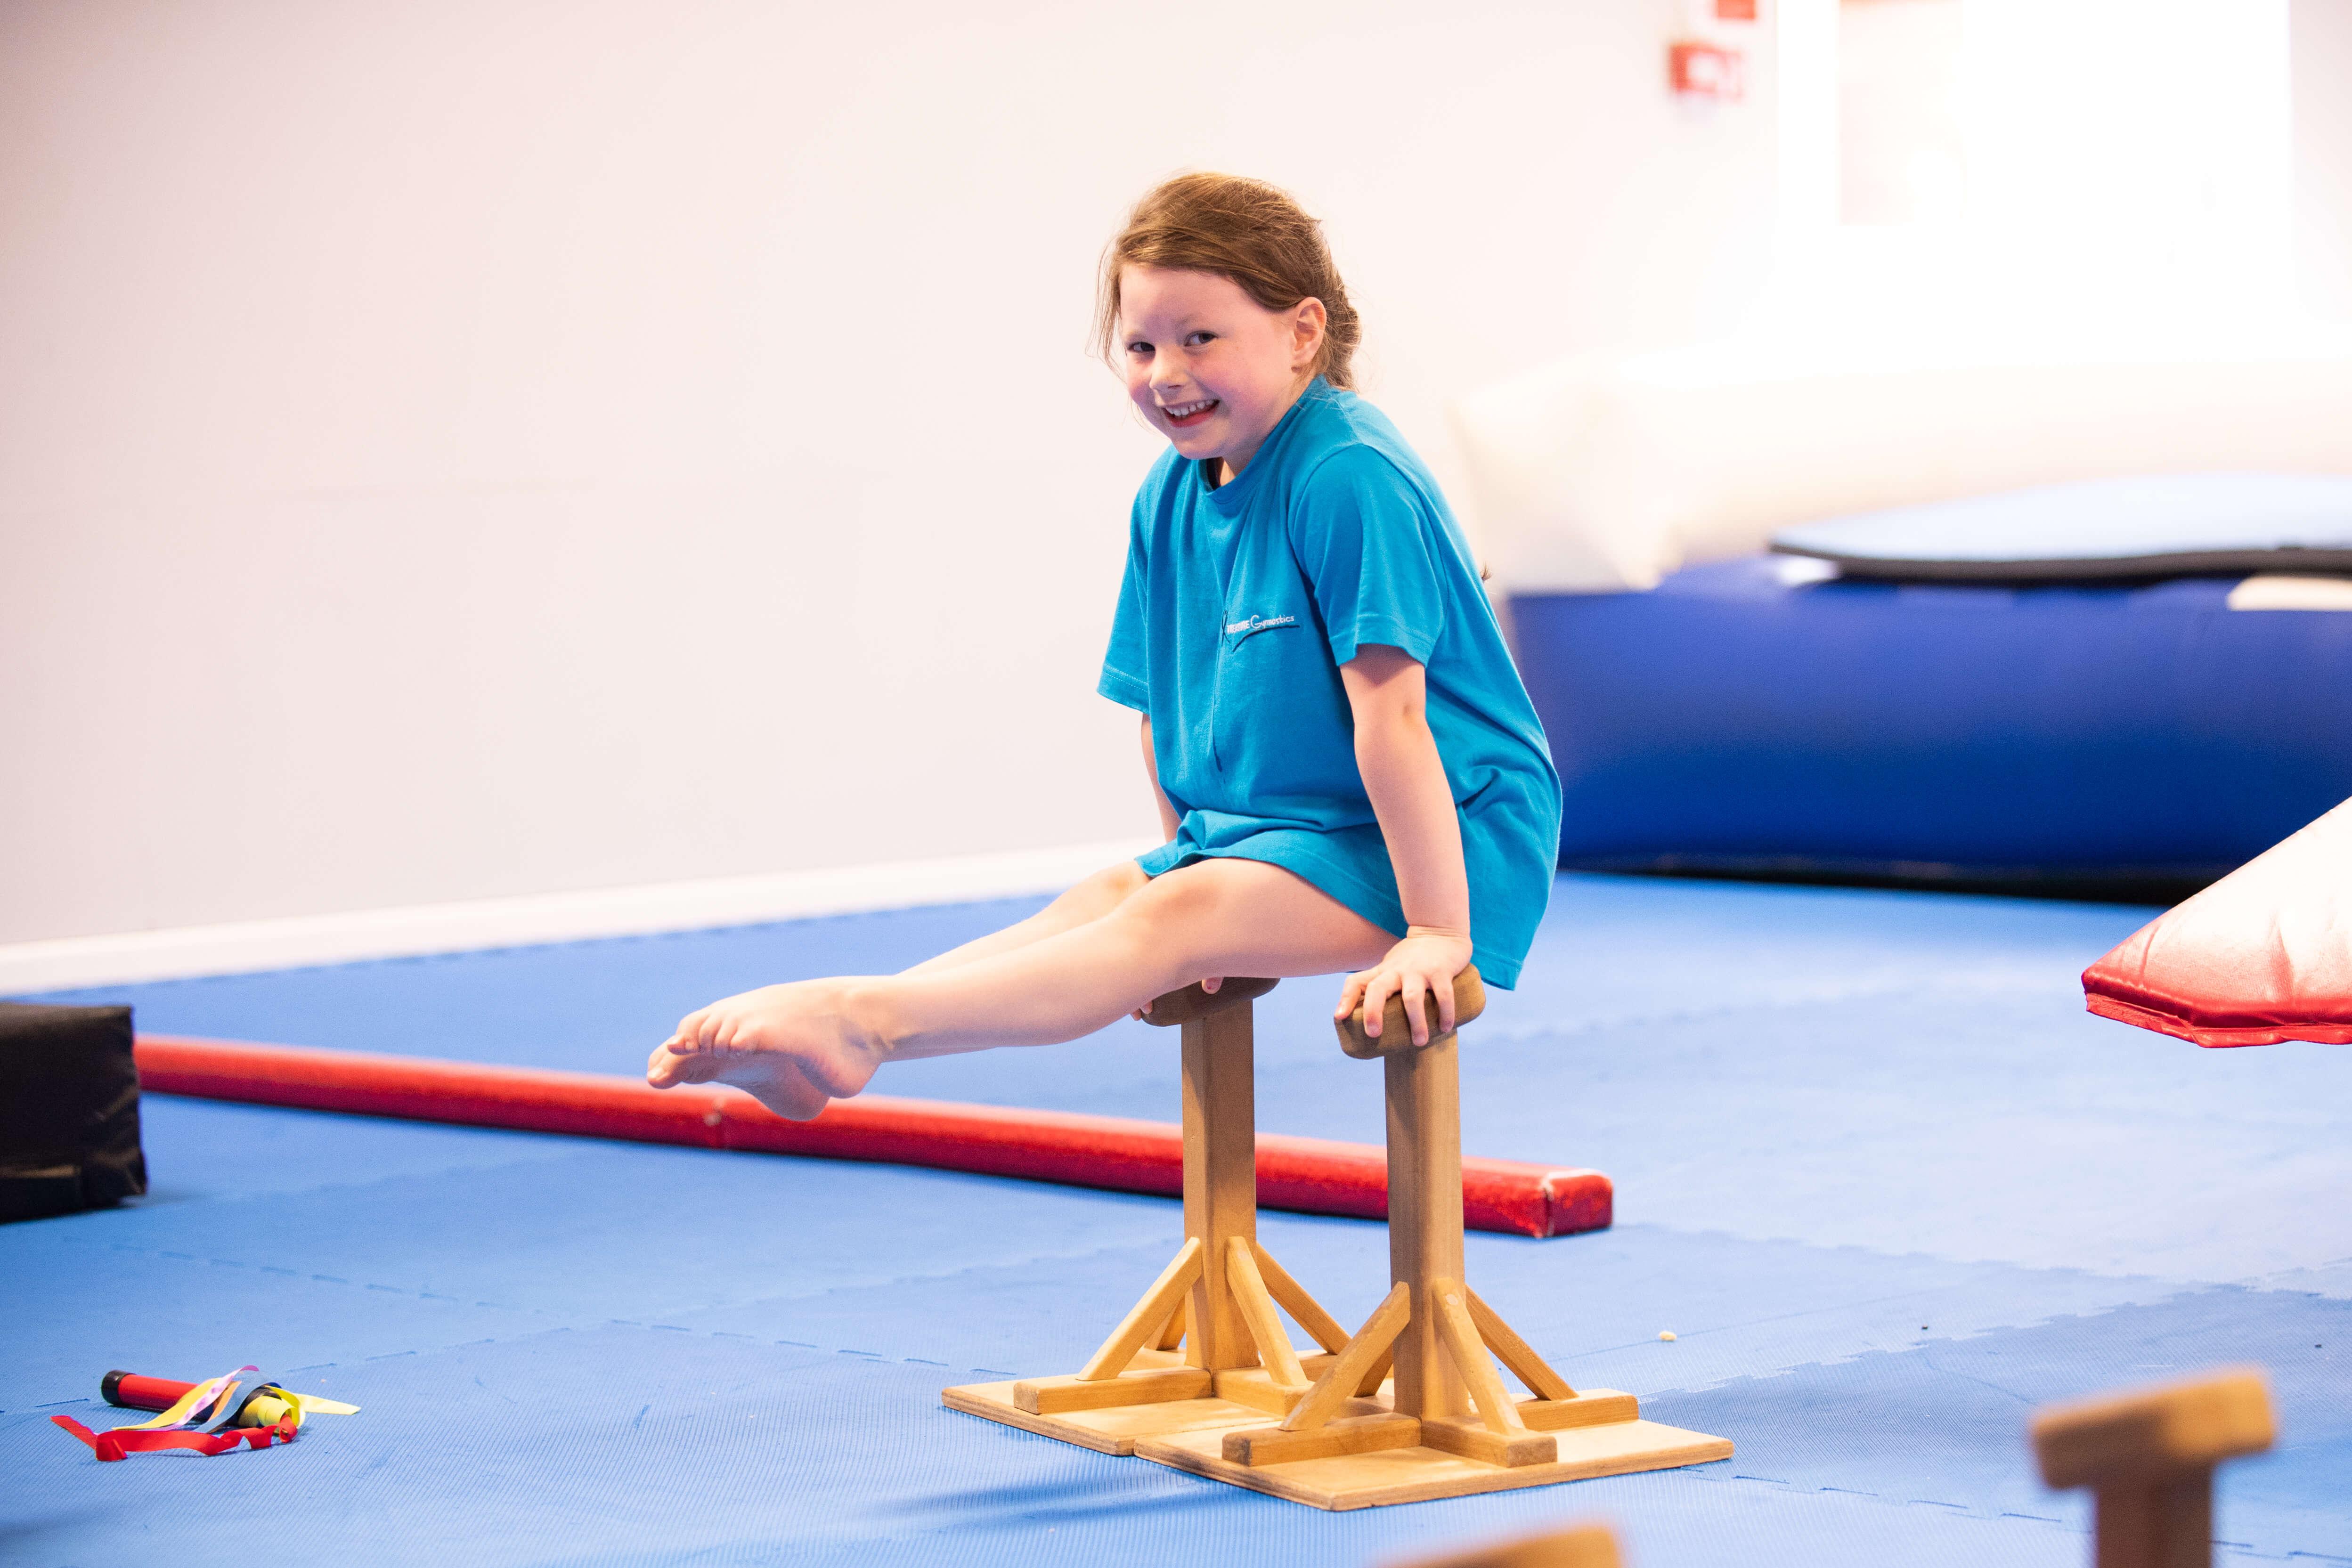 gymnastics session